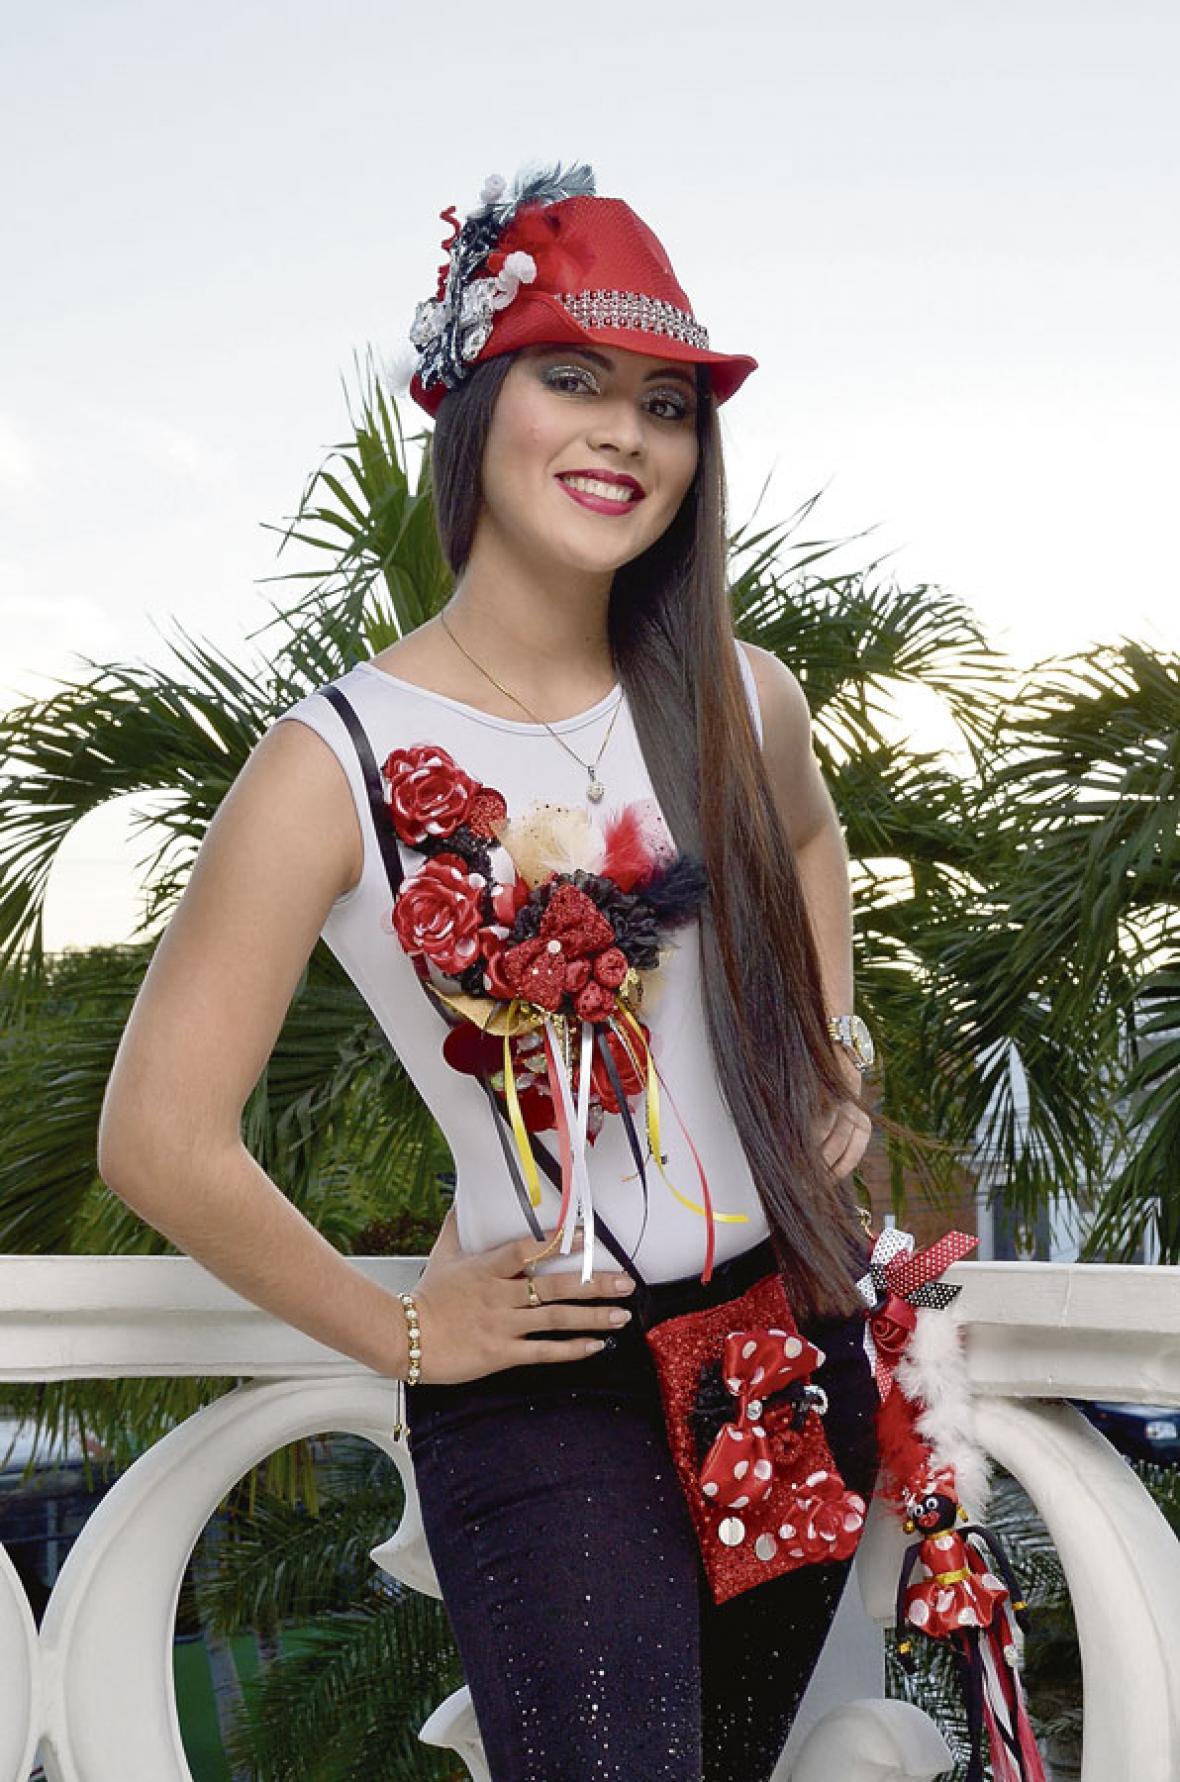 Tendencia en ropa carnavalera el heraldo - Articulos carnaval ...